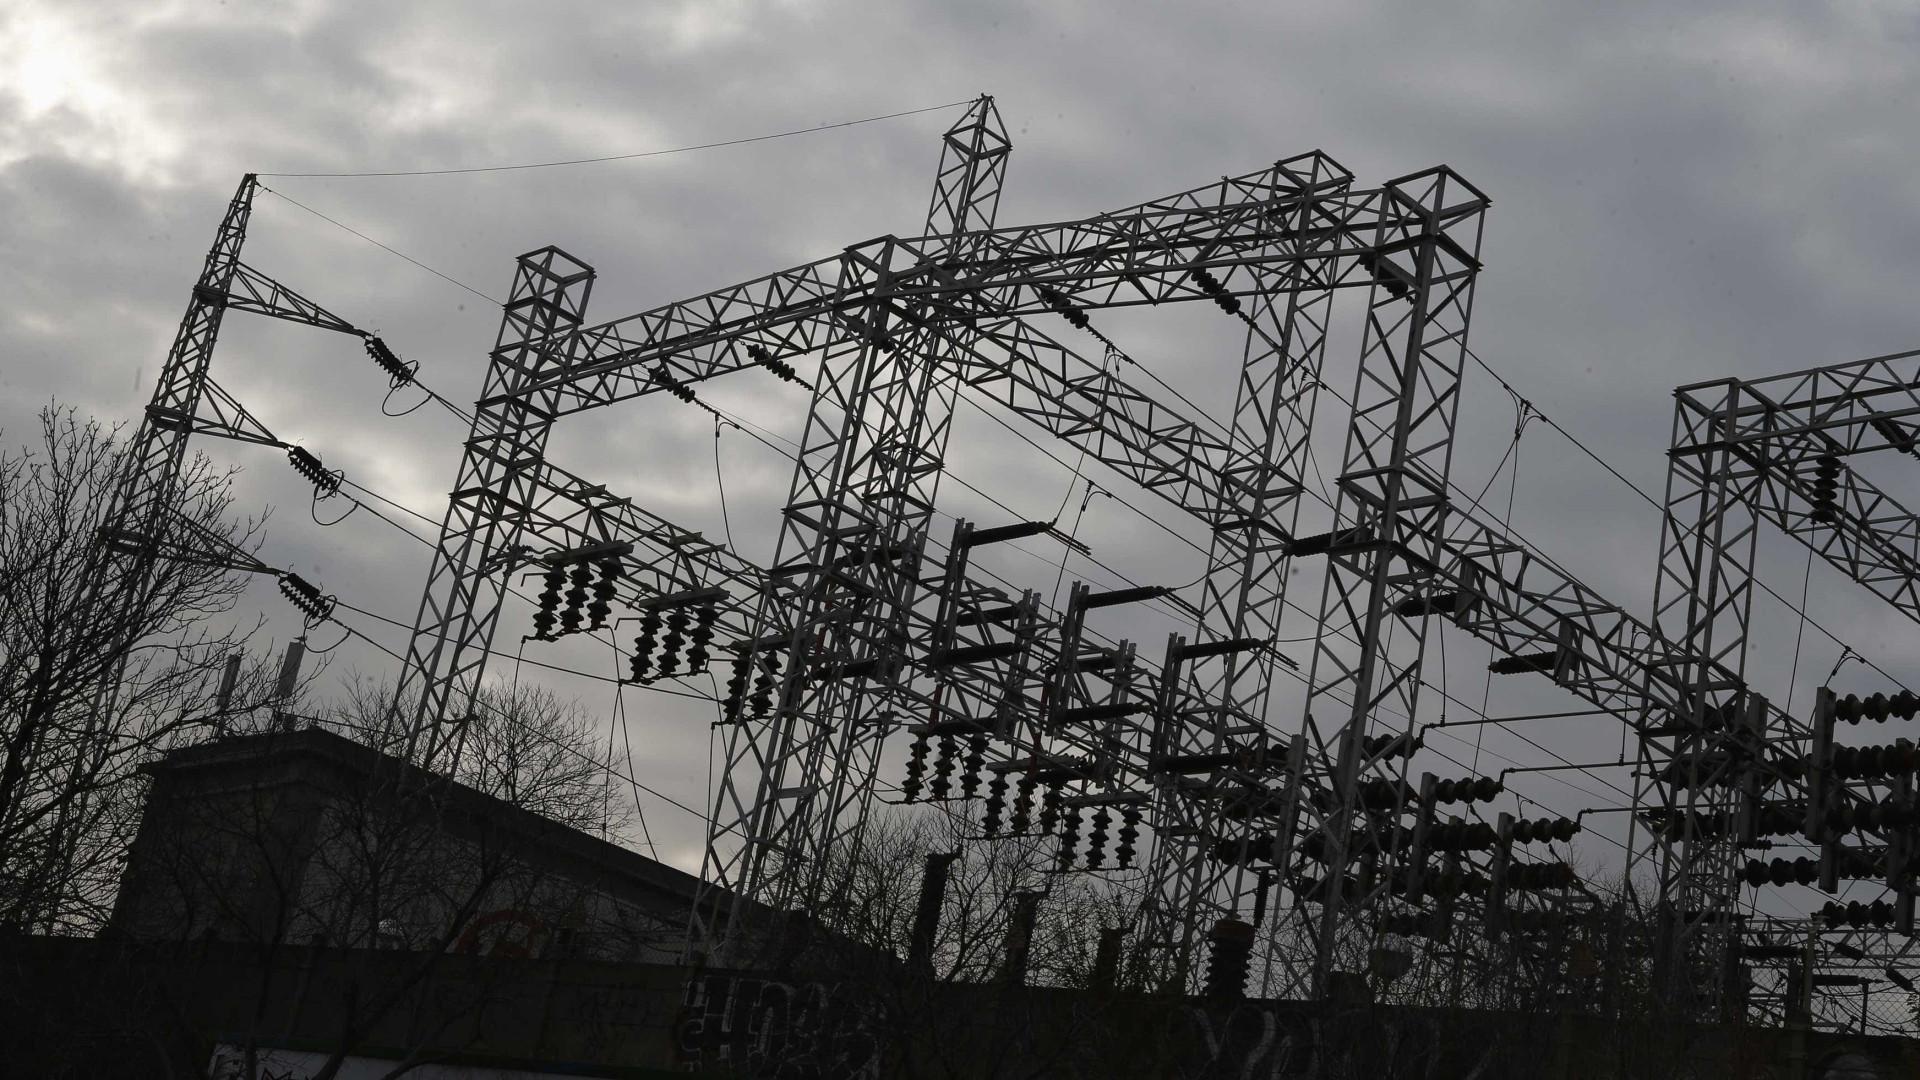 Endesa critica suspensão da garantia de potência a partir de janeiro